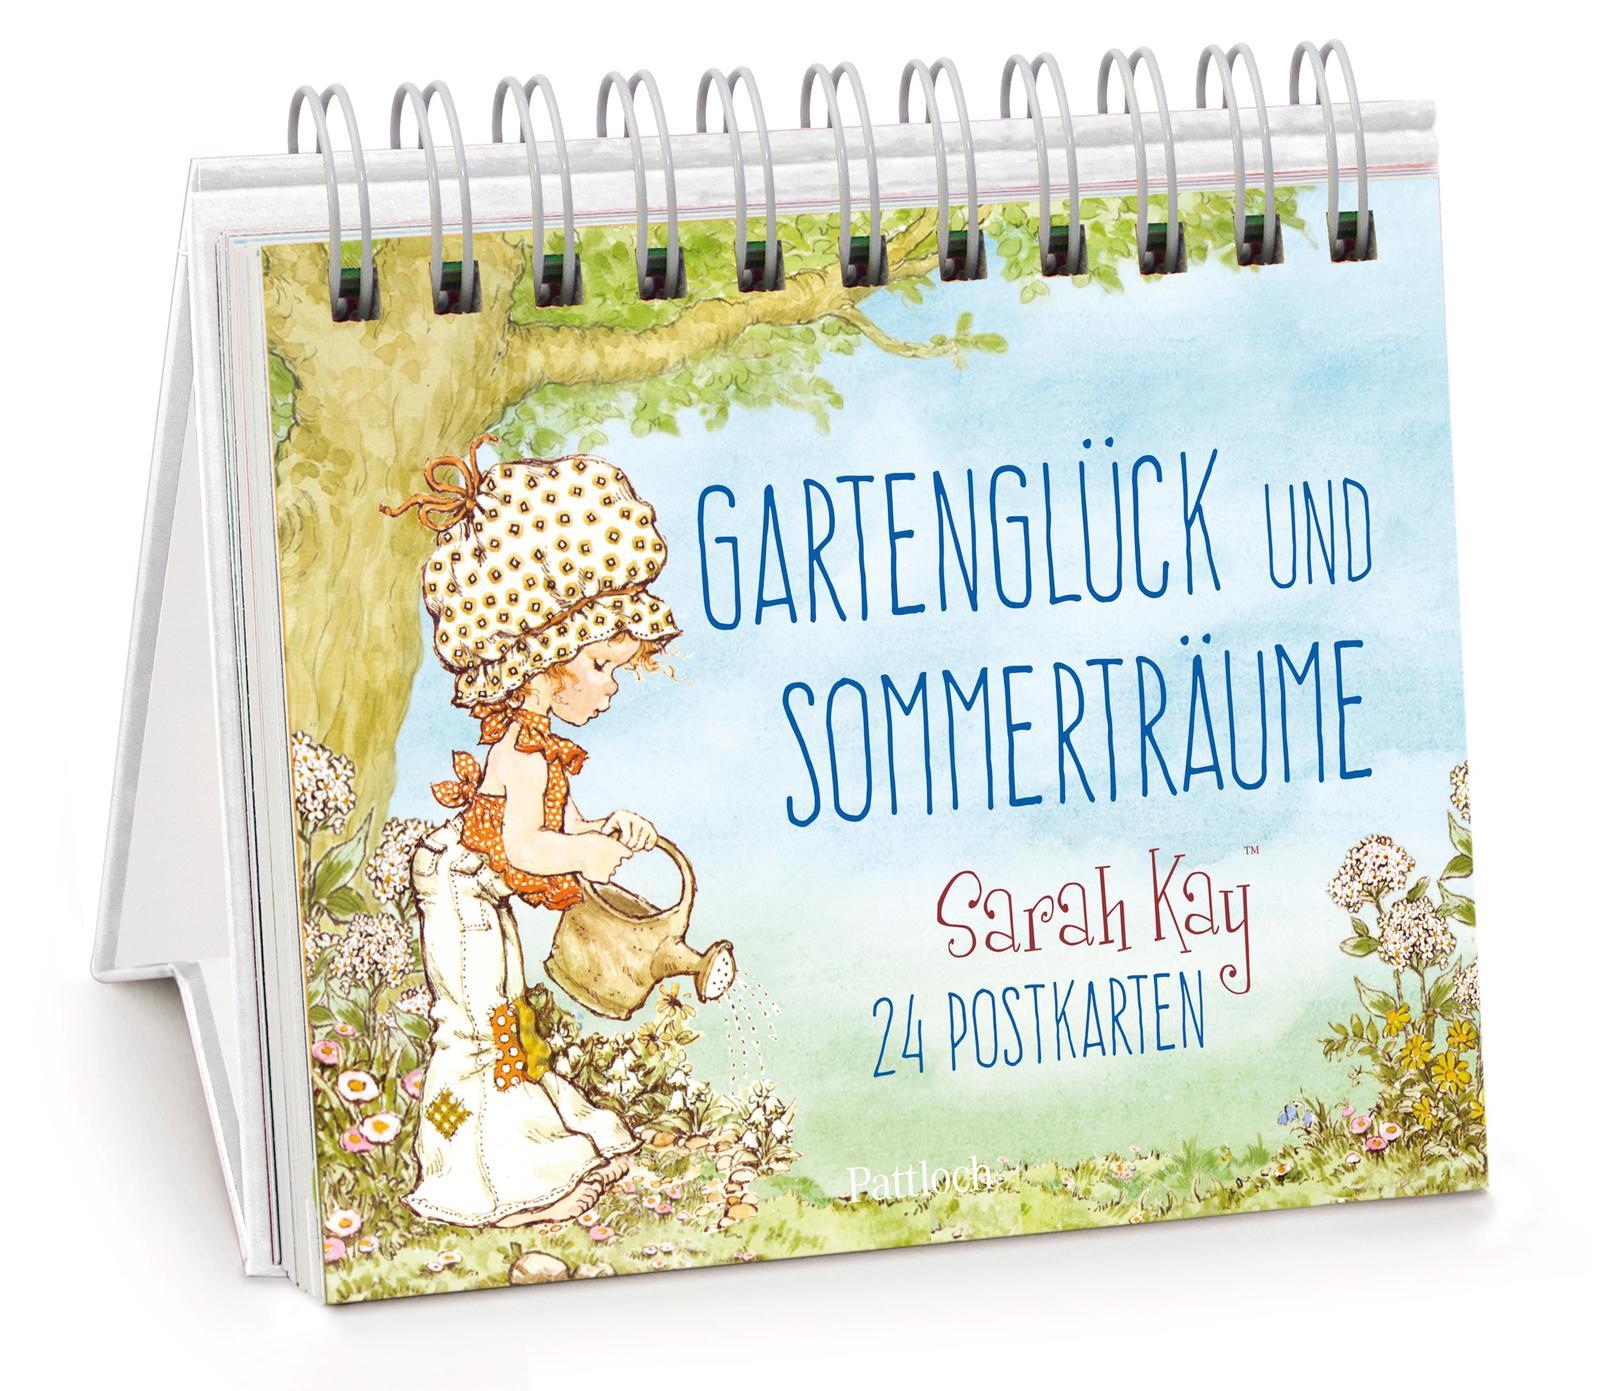 Gartenglück und Sommerträume mit Sarah Kay - 24 Postkarten